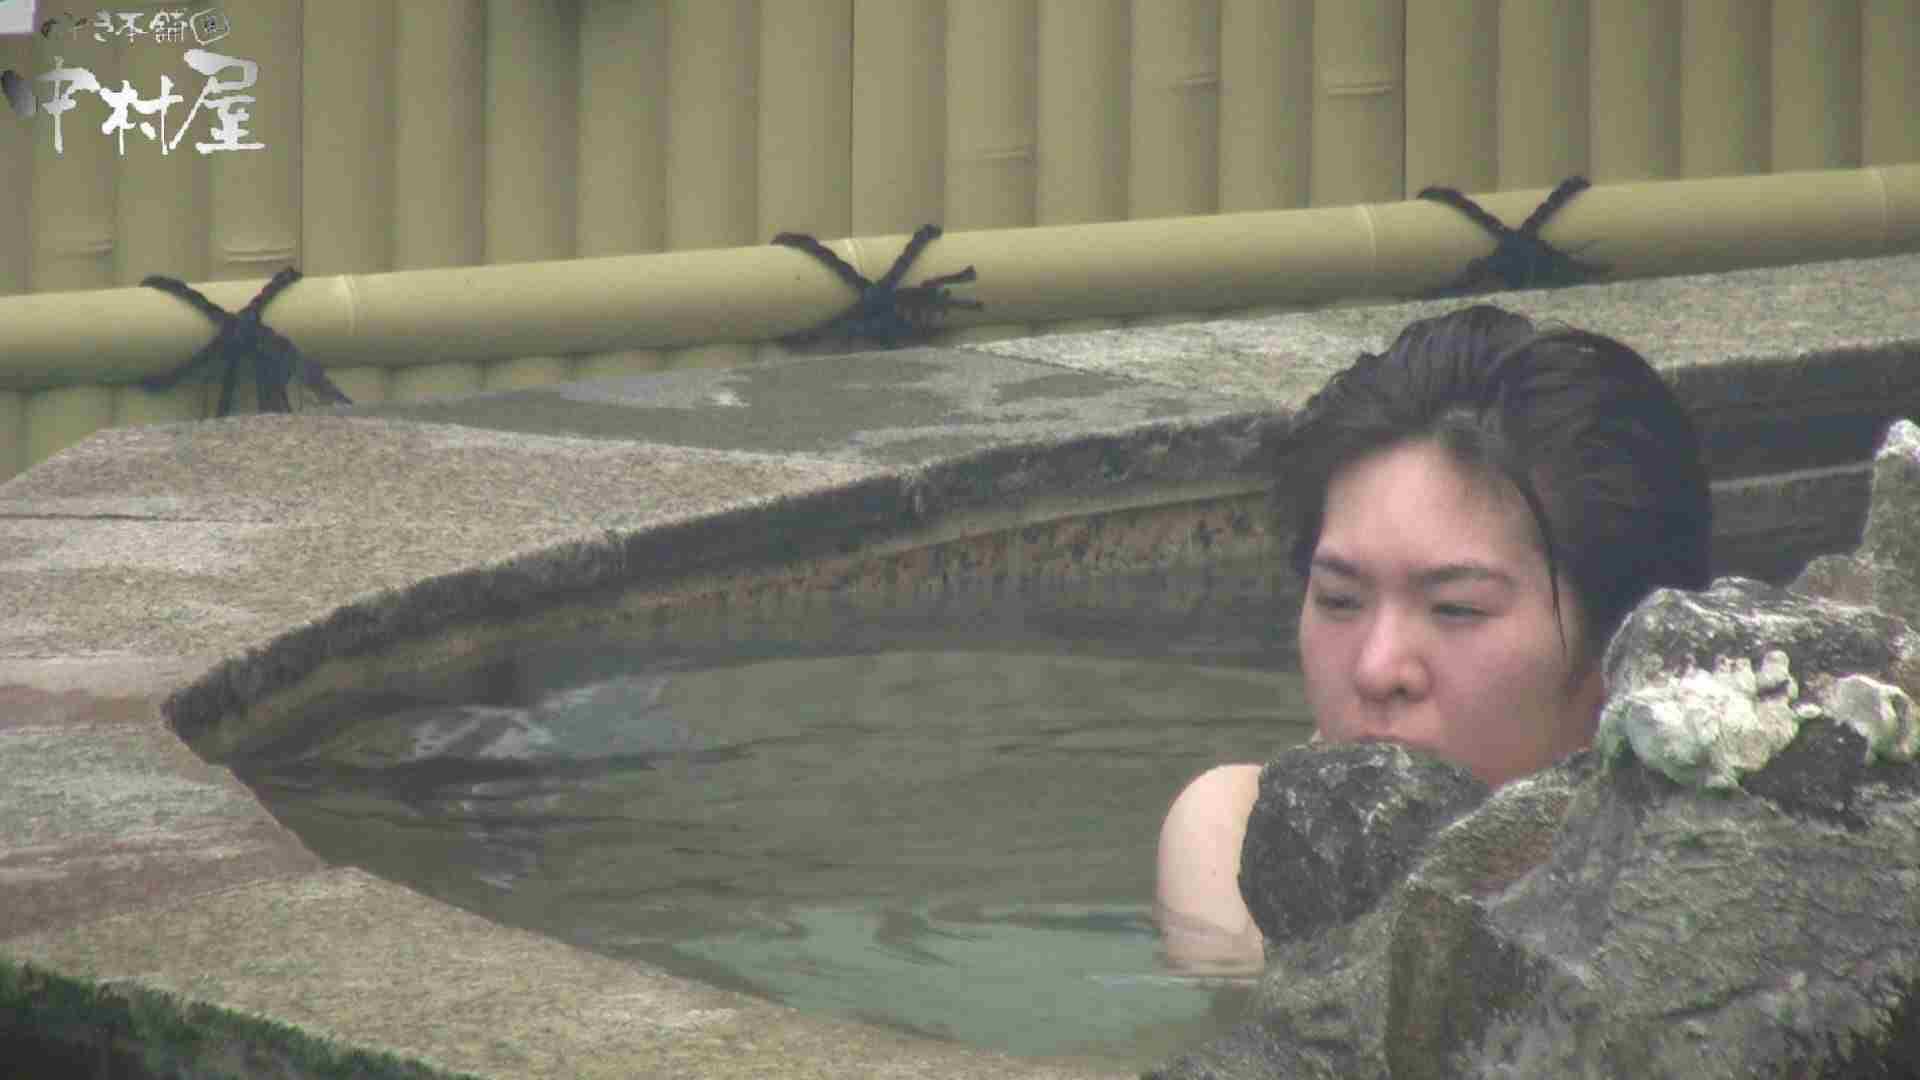 Aquaな露天風呂Vol.907 盗撮   OLのエロ生活  62連発 19